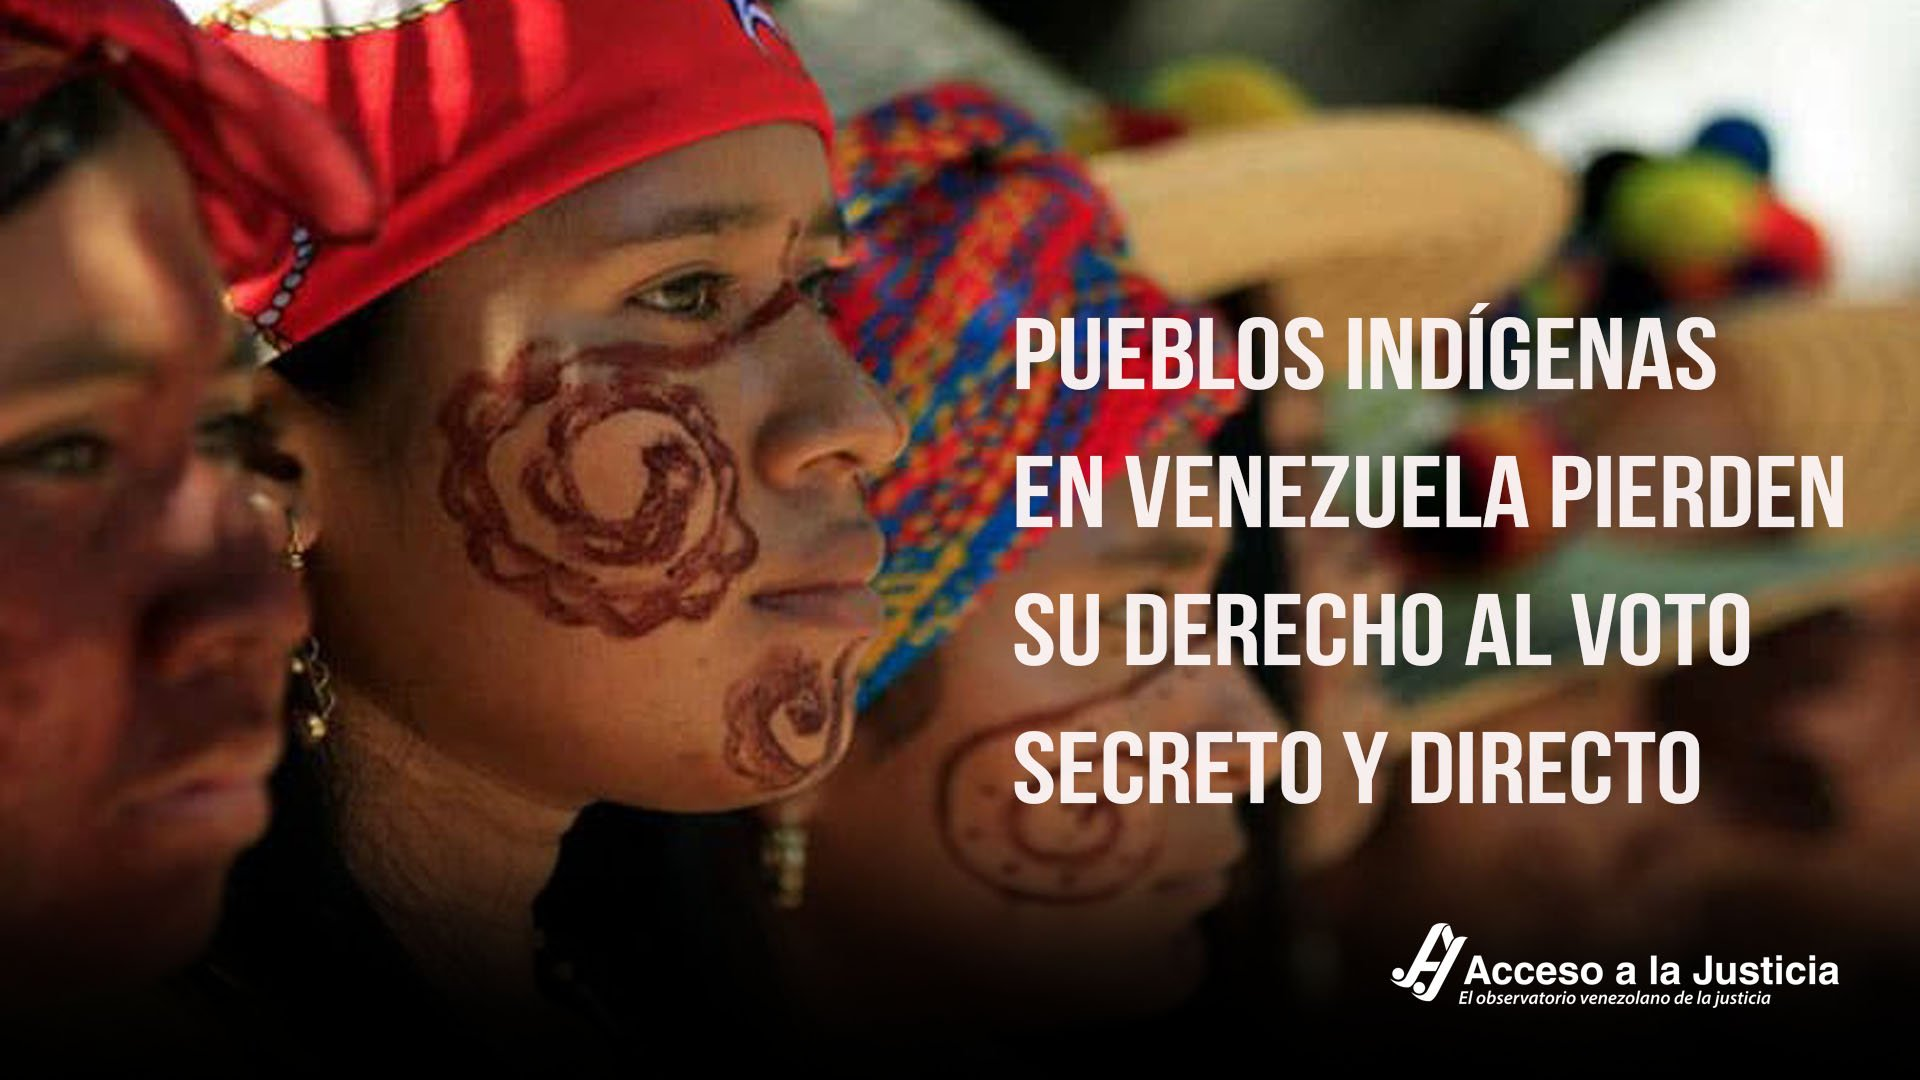 Pueblos indígenas en Venezuela pierden su derecho al voto secreto y directo